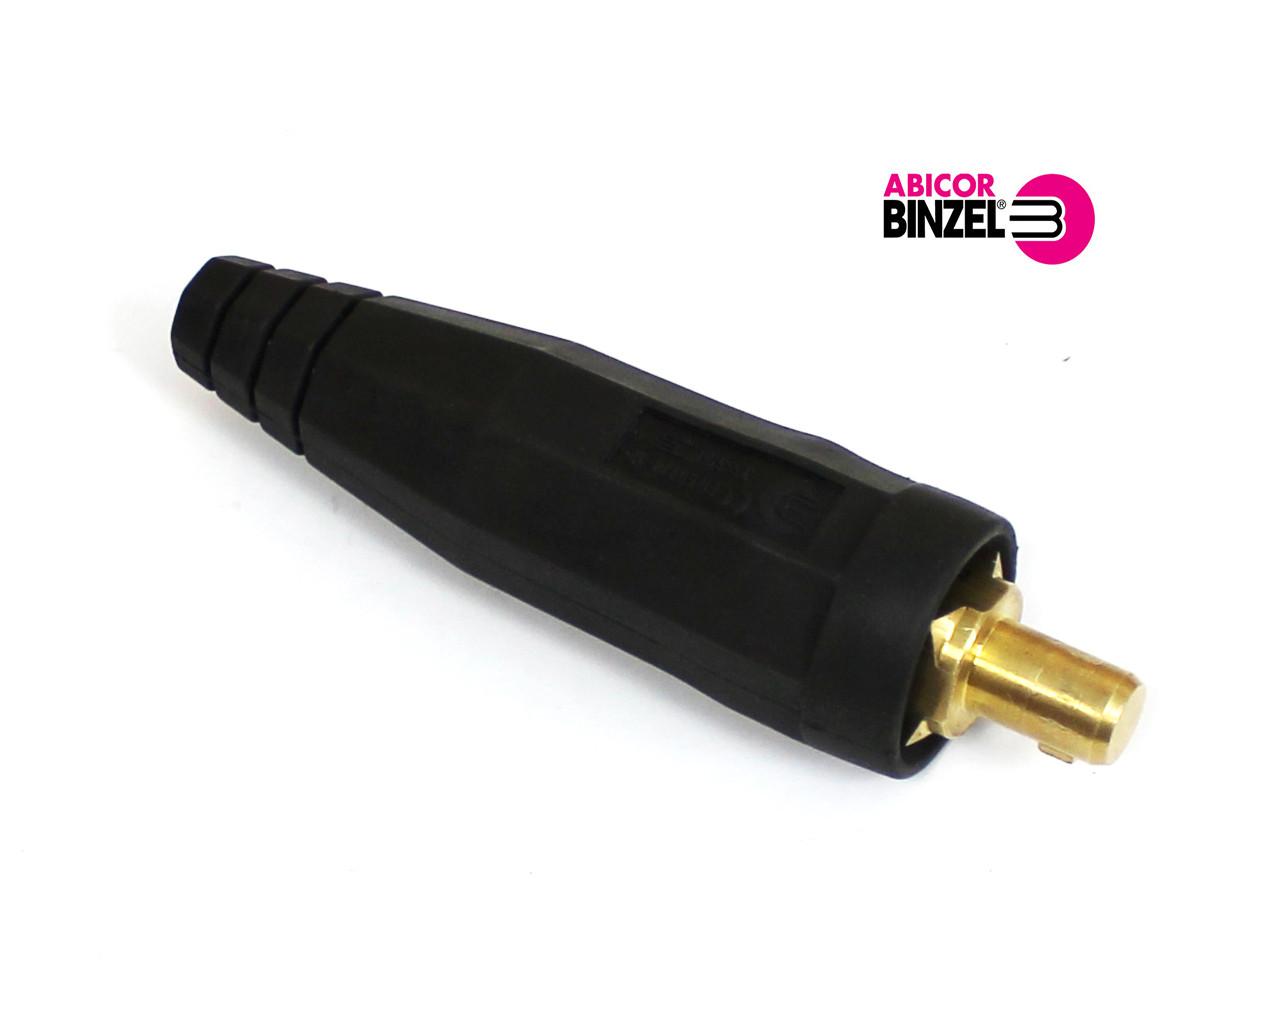 Кабельный штекер 35-50 мм2 Abicor Binzel (511.0315)